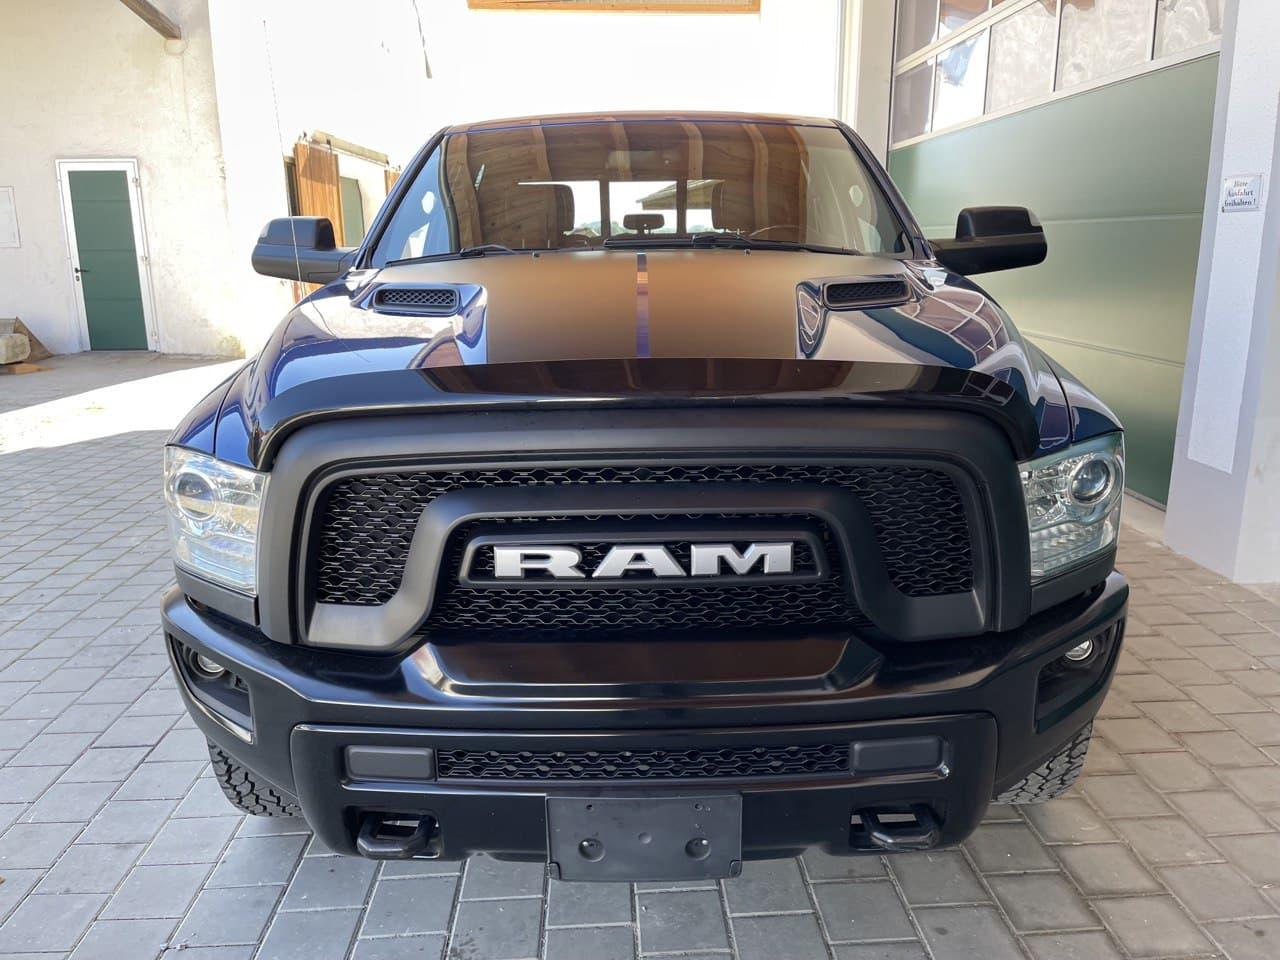 Dodge Ram 1500 Rebel for sale Germany